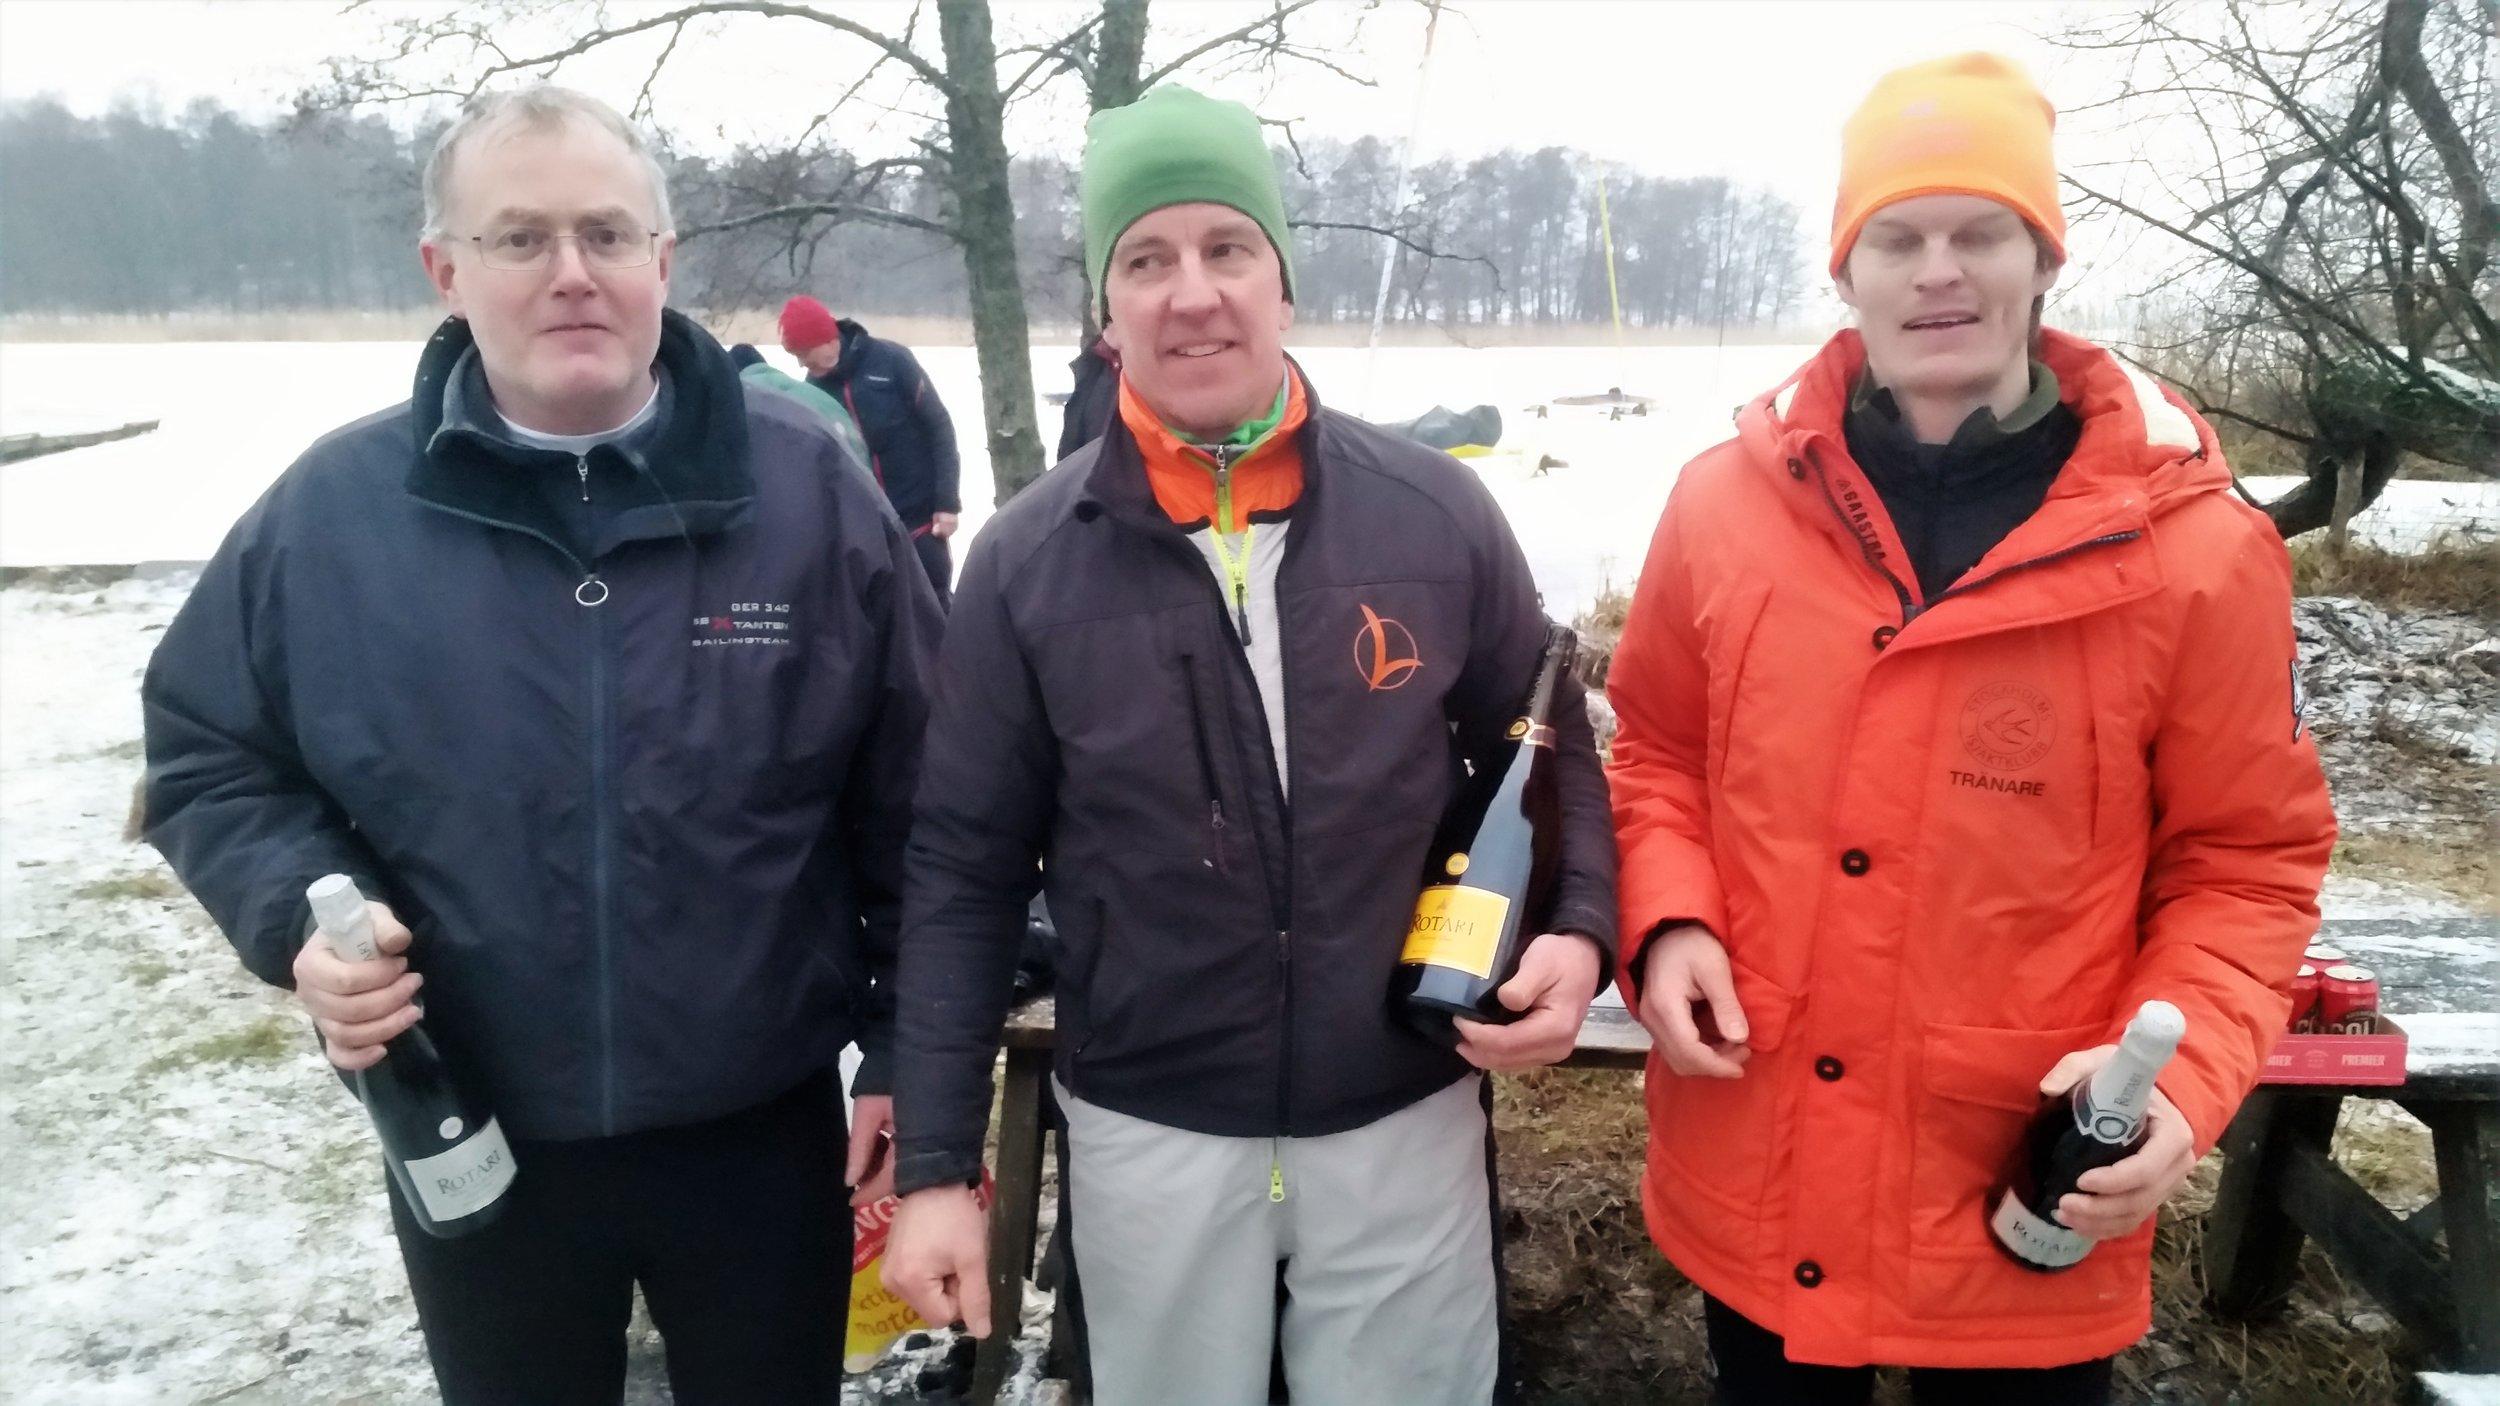 R8 DN fr v 3:a Thomas Ebler, 1:a Fredrik Lönegren och 2:a Oscar Wersäll